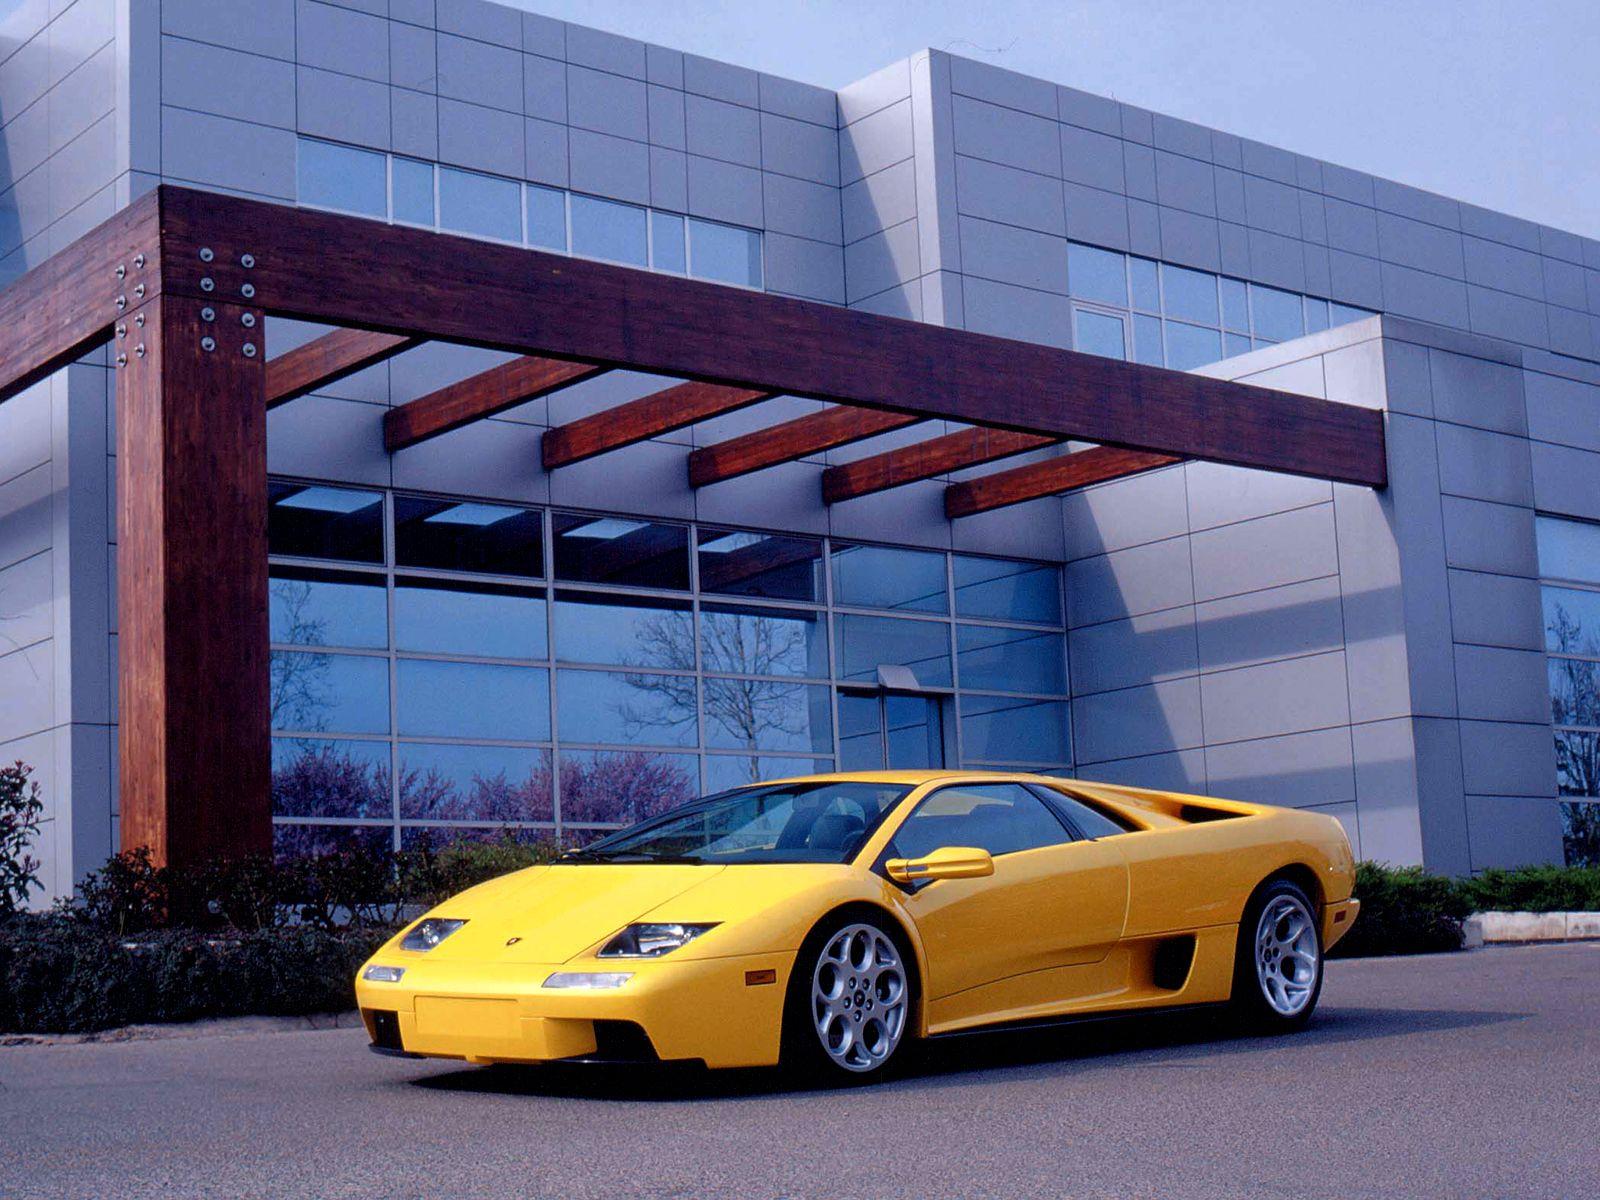 2001 Lamborghini Diablo 6.0 Diablo-05